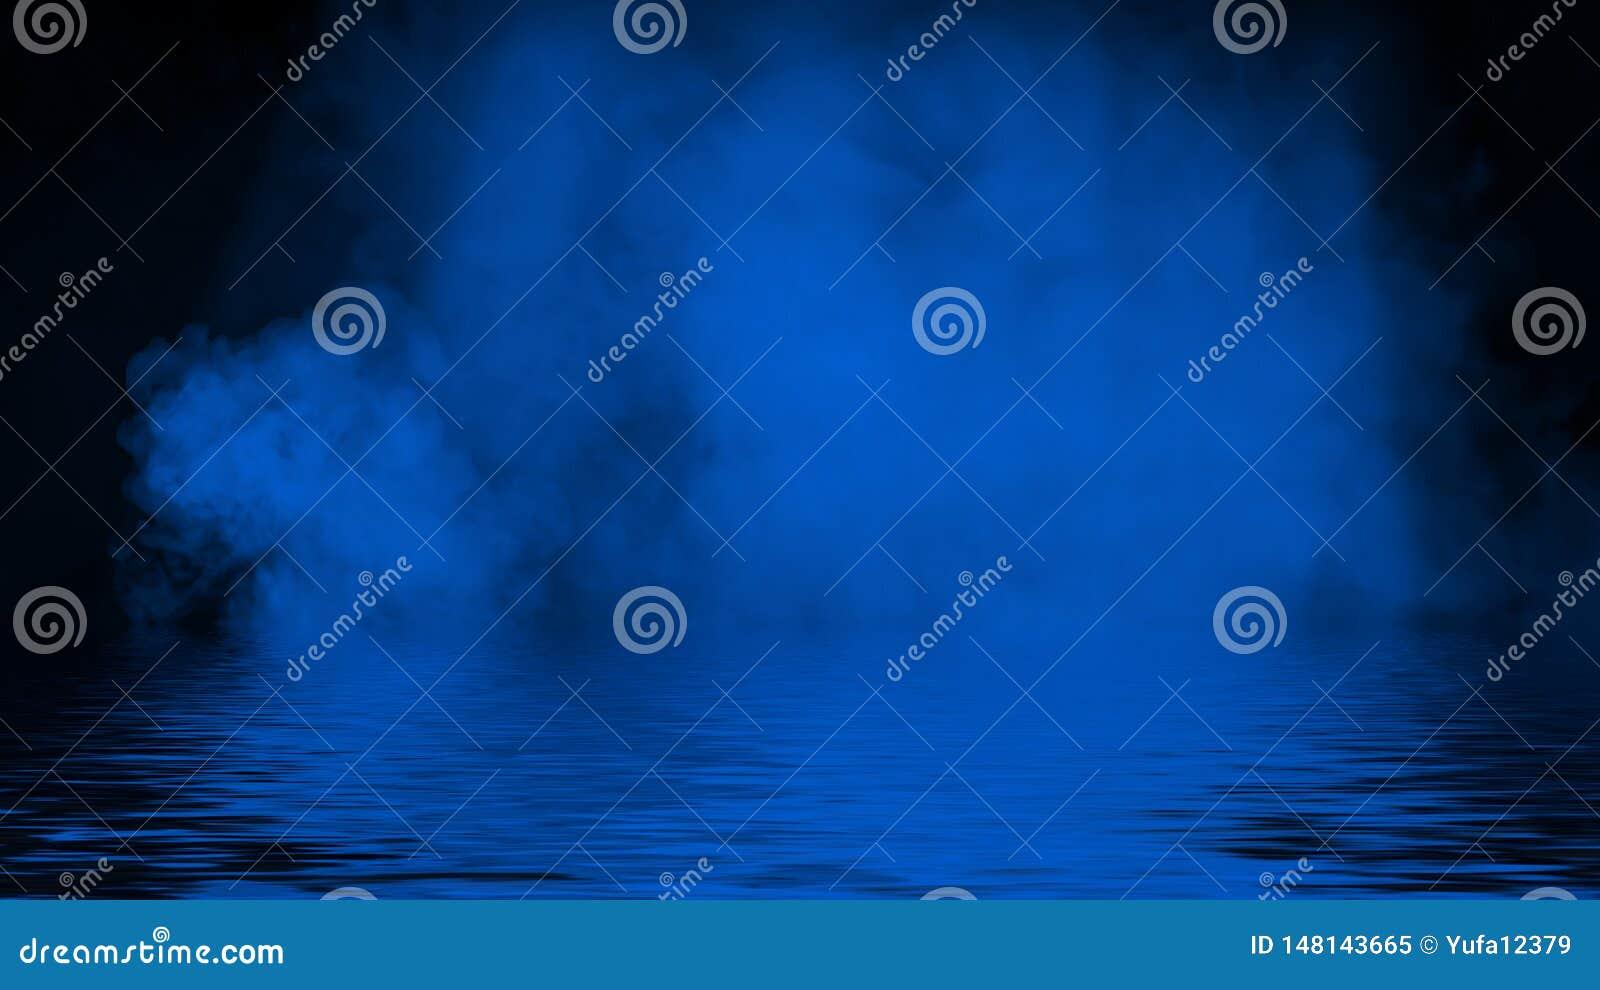 Humo azul del proyector con la reflexi?n en agua La textura de la niebla del misterio sobrepone el fondo